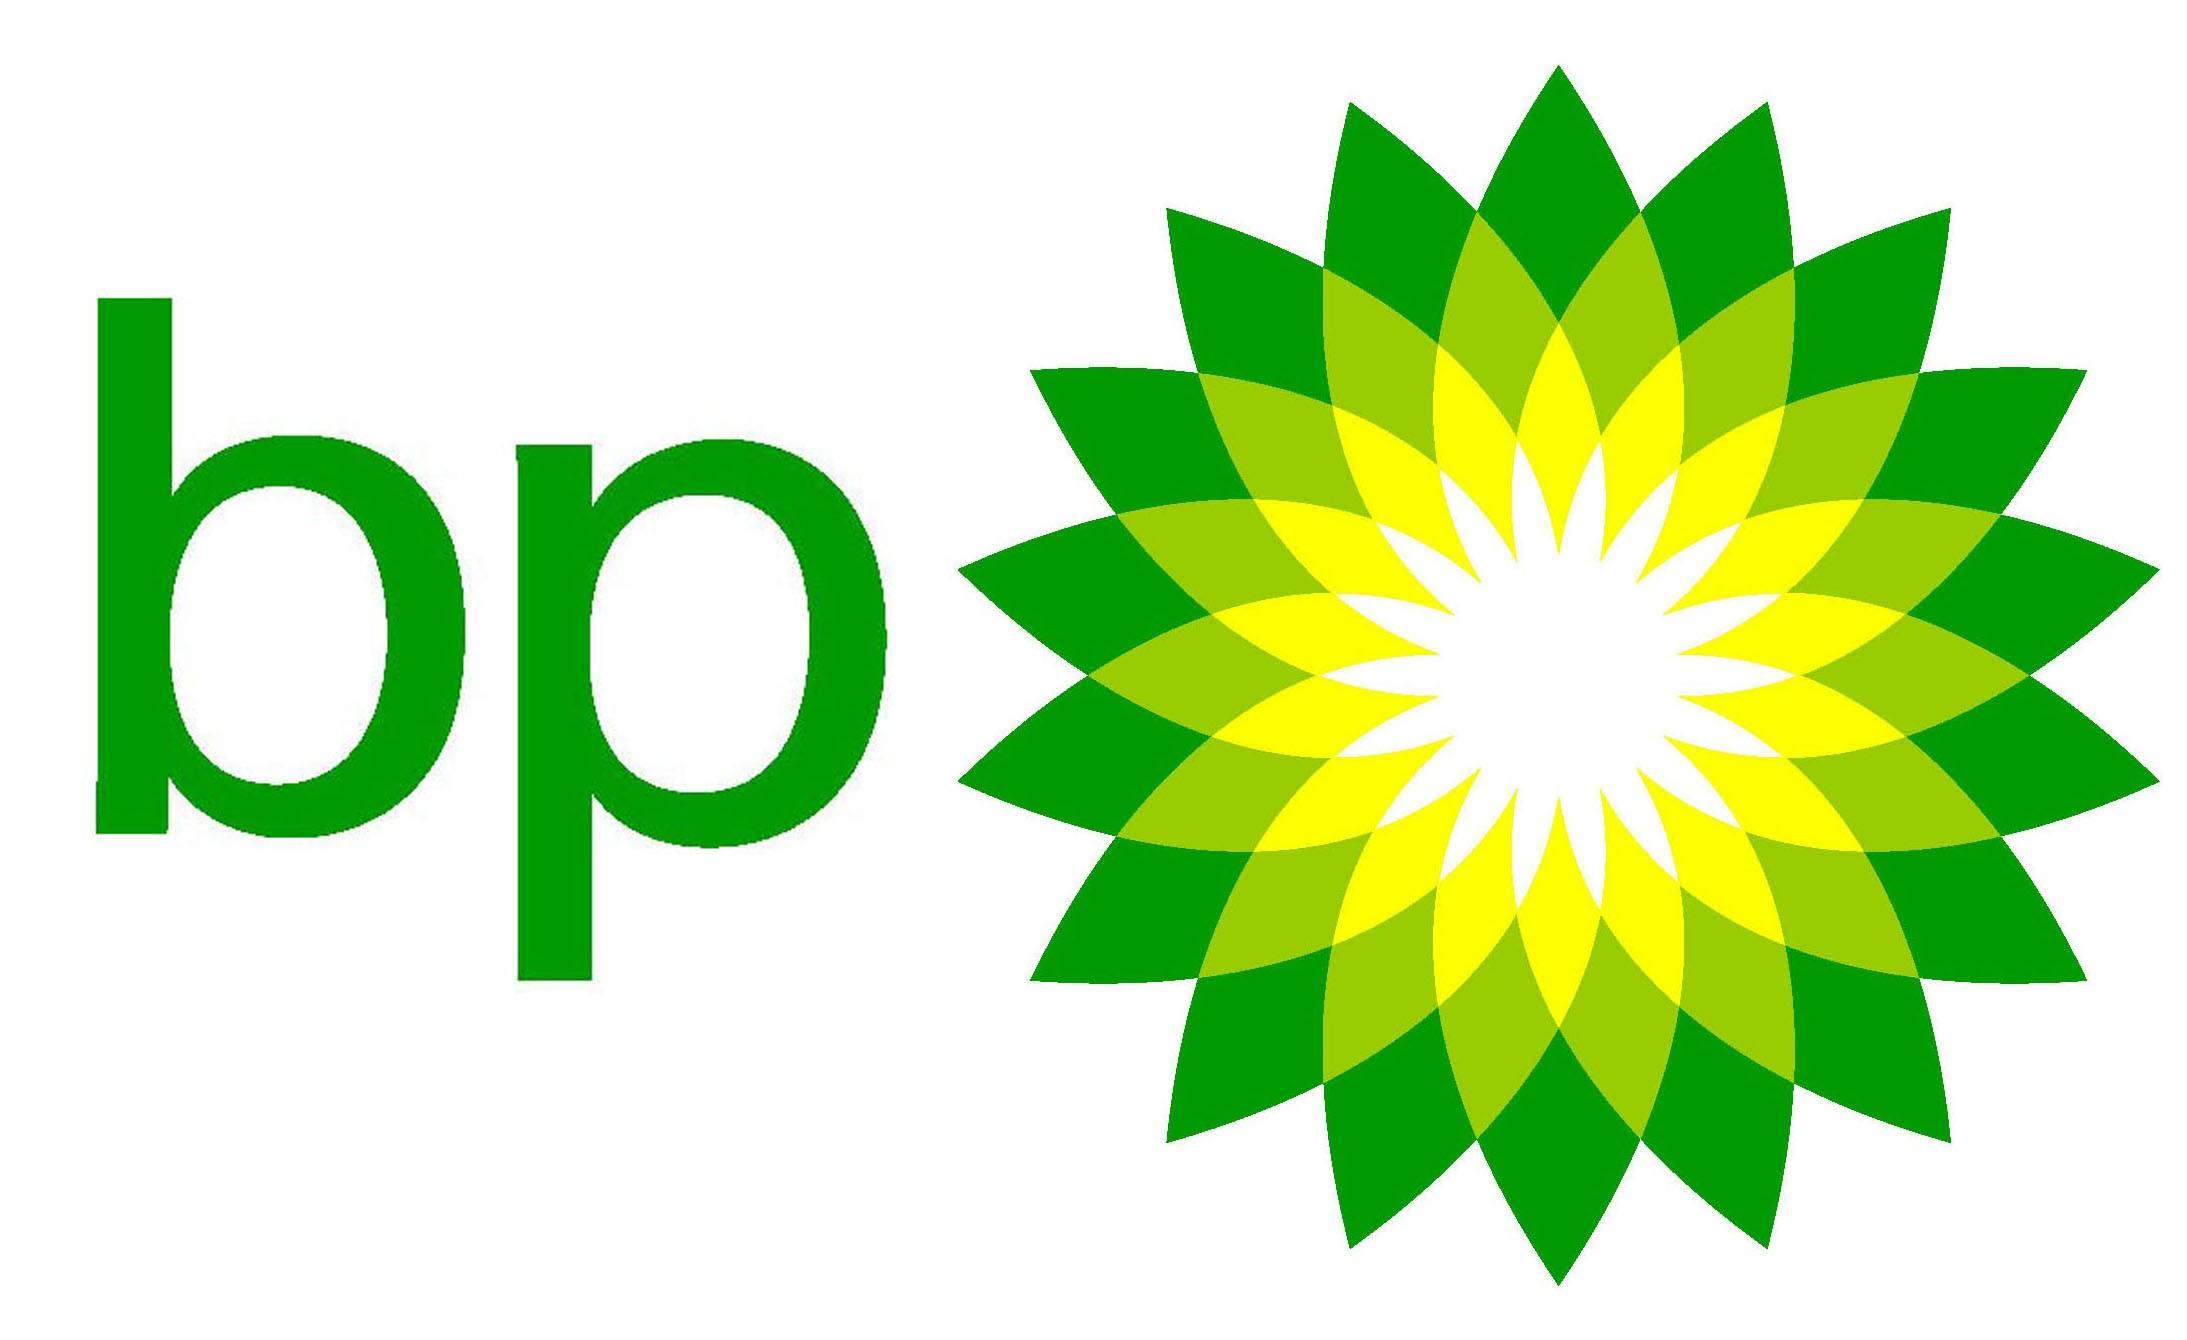 """老牌石油巨头bp首次涉足海上风电,最终目标:全面""""绿化"""""""